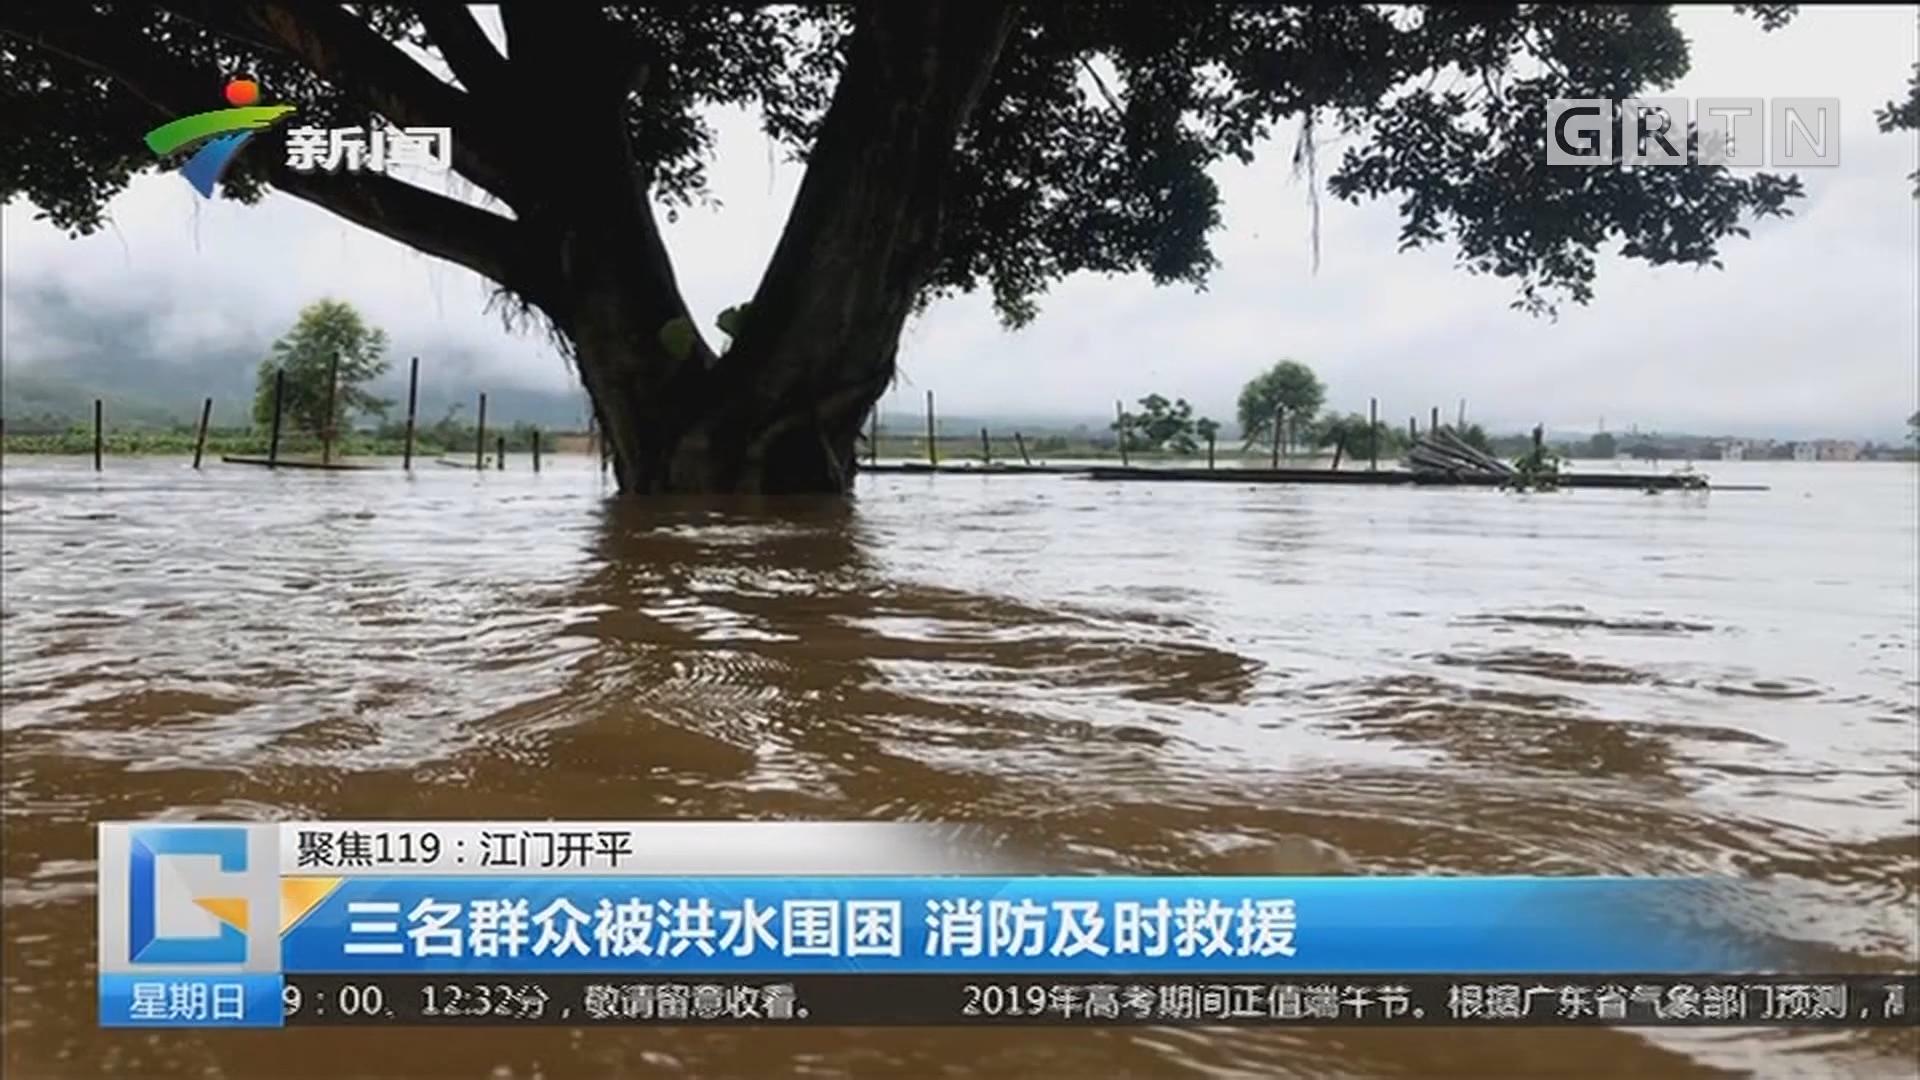 聚焦119:江门开平 三名群众被洪水围困 消防及时救援